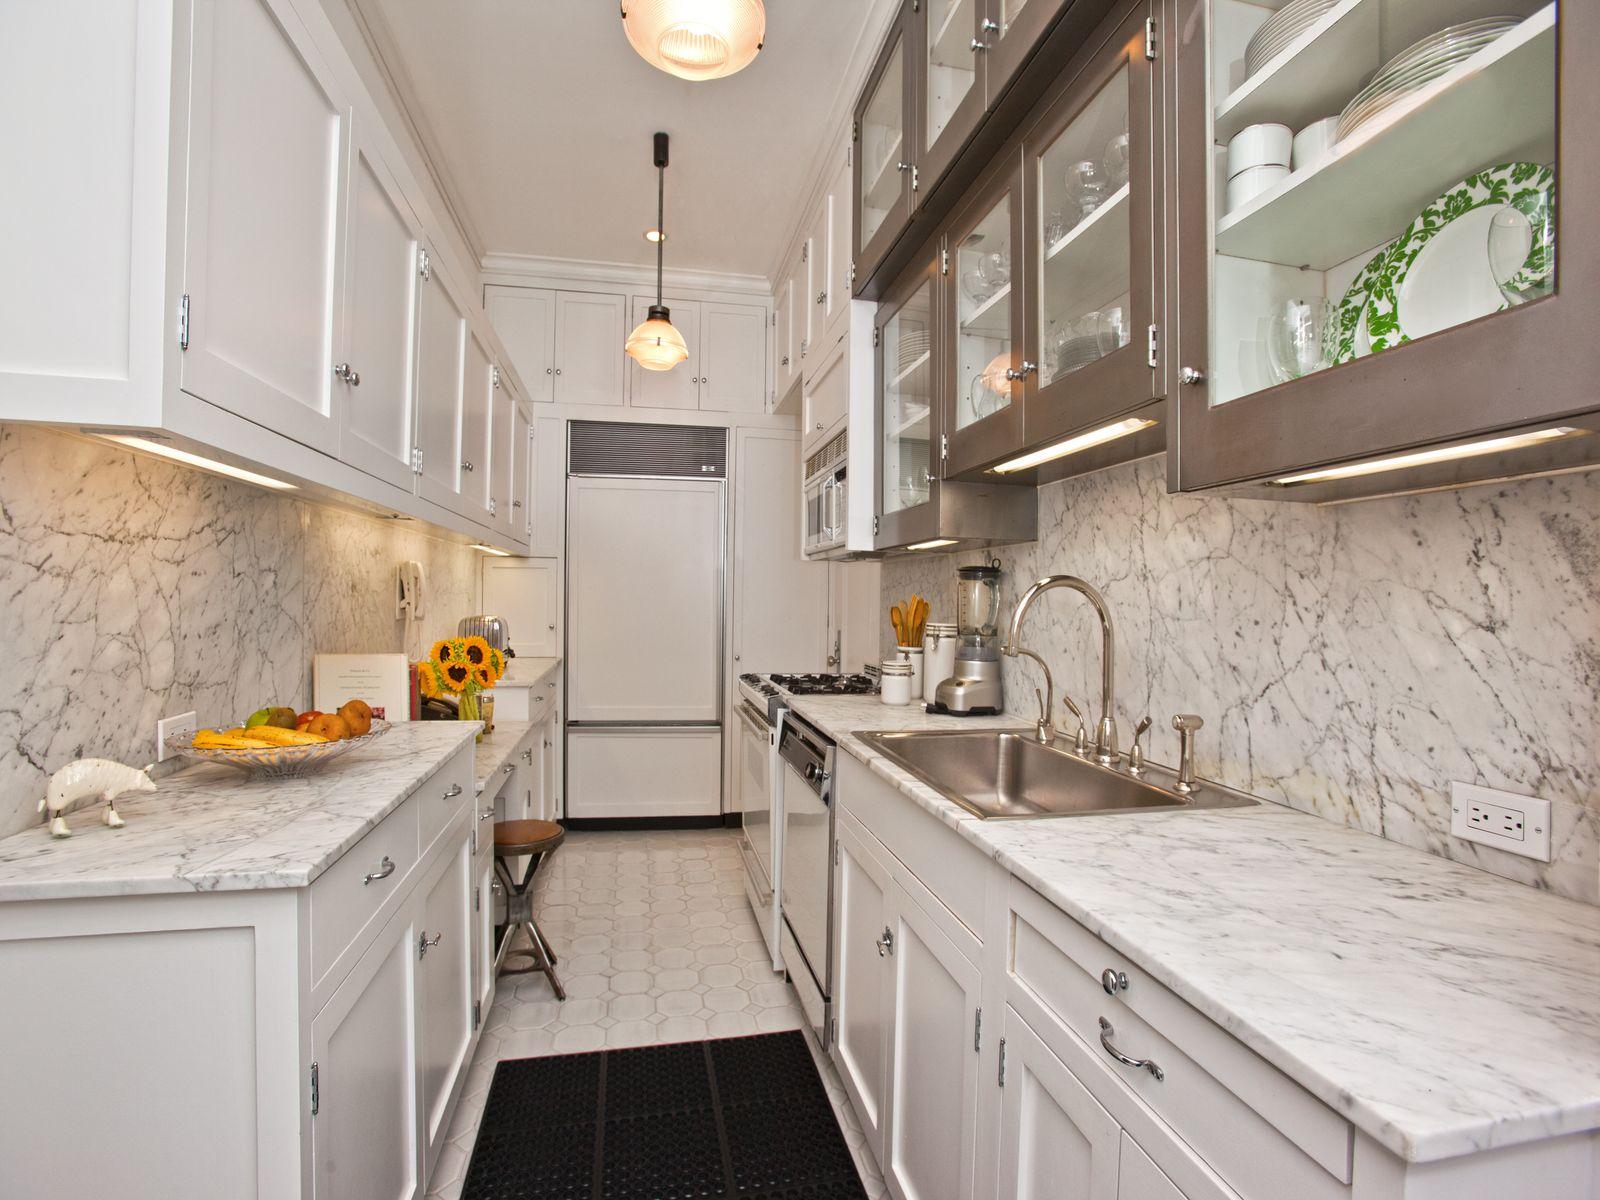 521 Park Avenue Unit 3AB